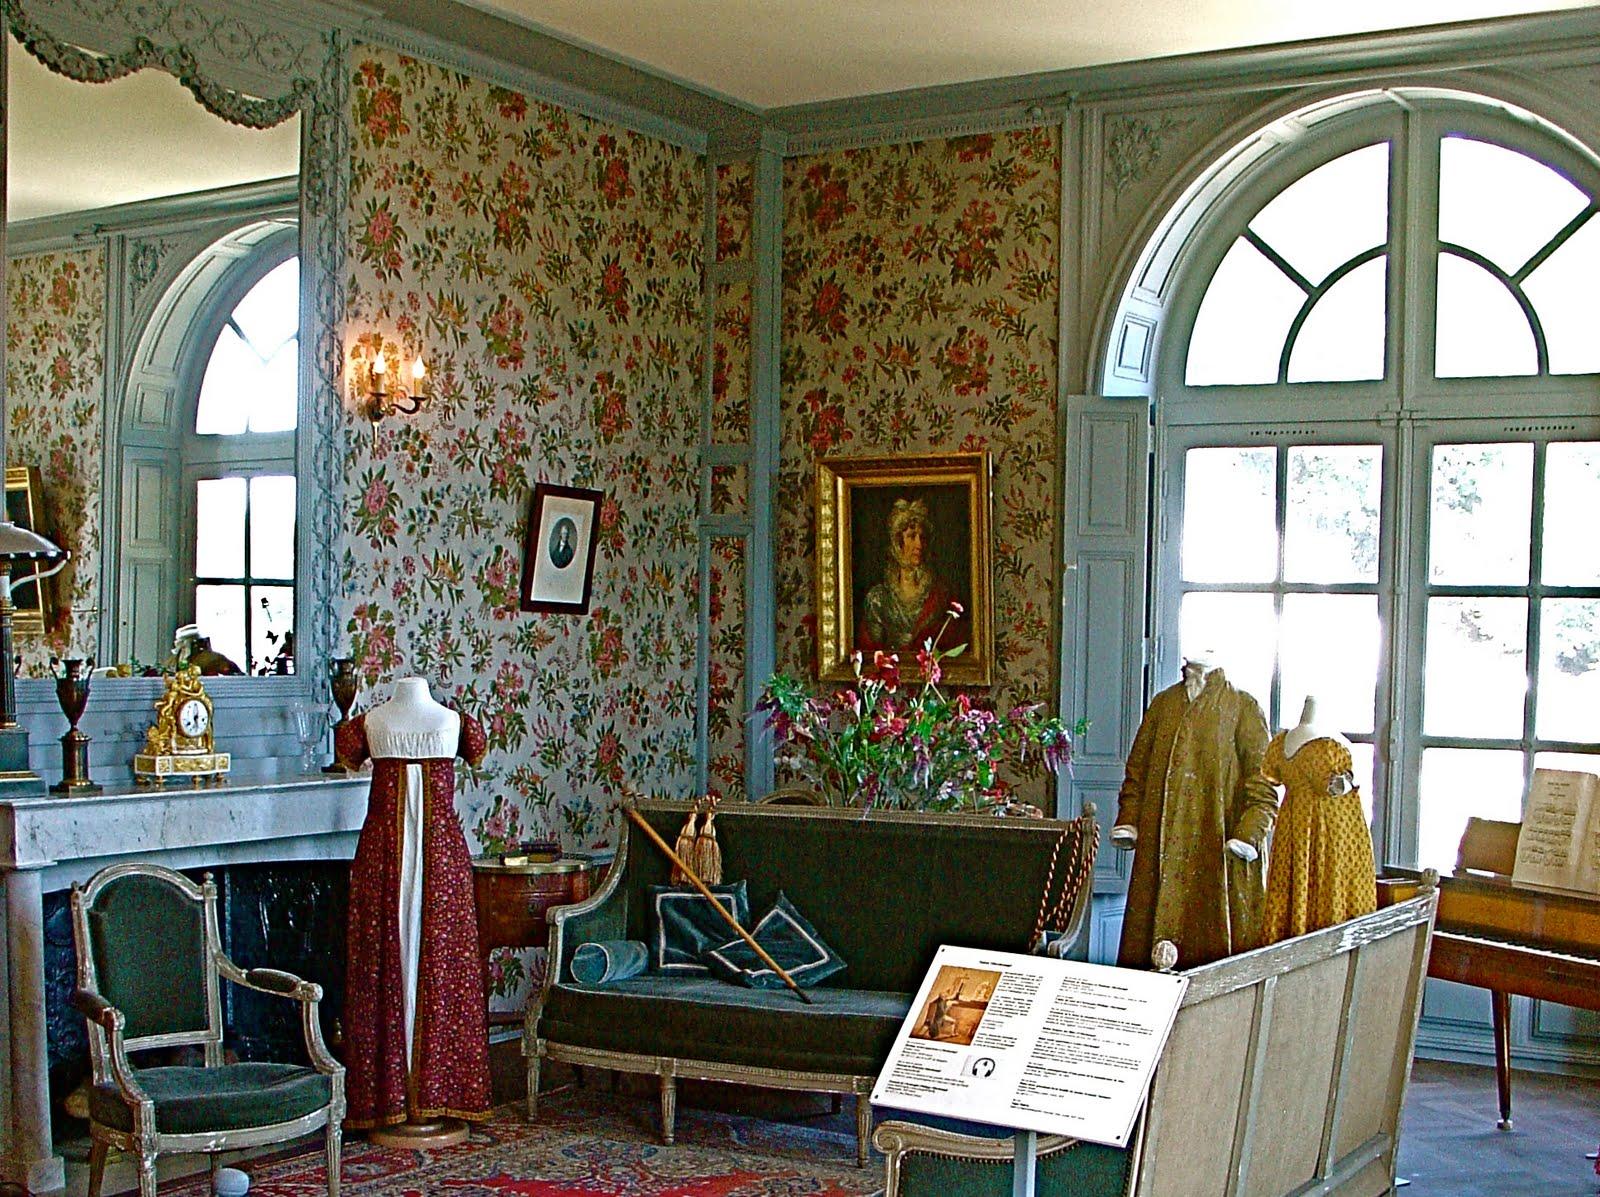 Passage paradis le musee de la toile de jouy jouy en josas - Chambre toile de jouy ...